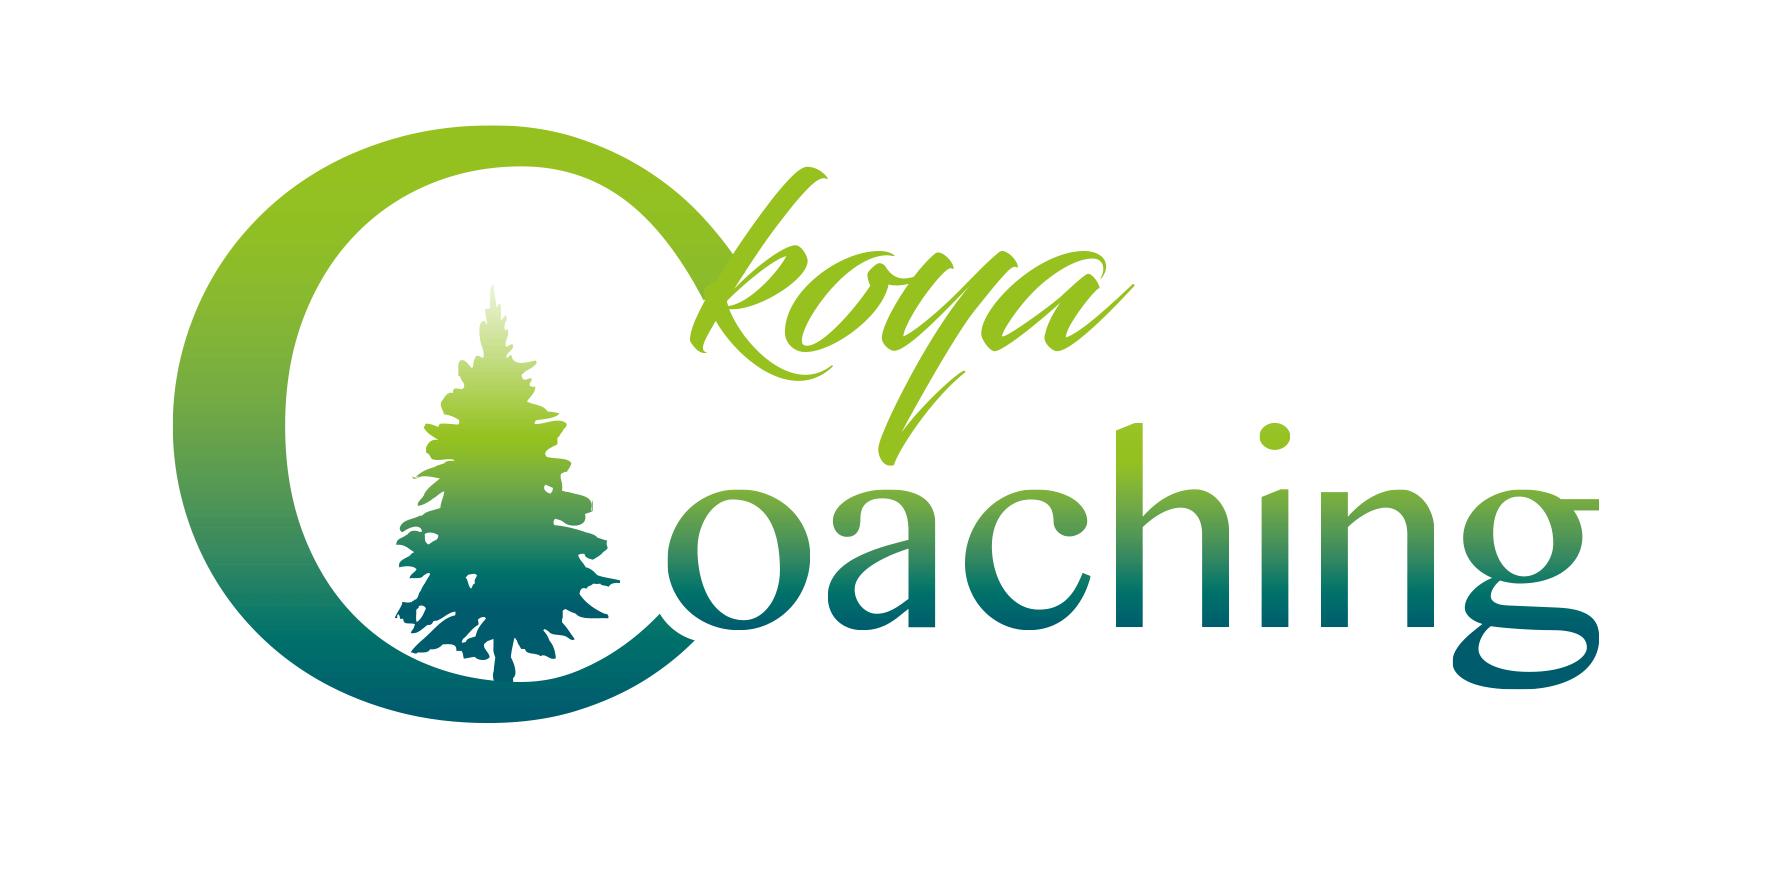 C'Koya Coaching